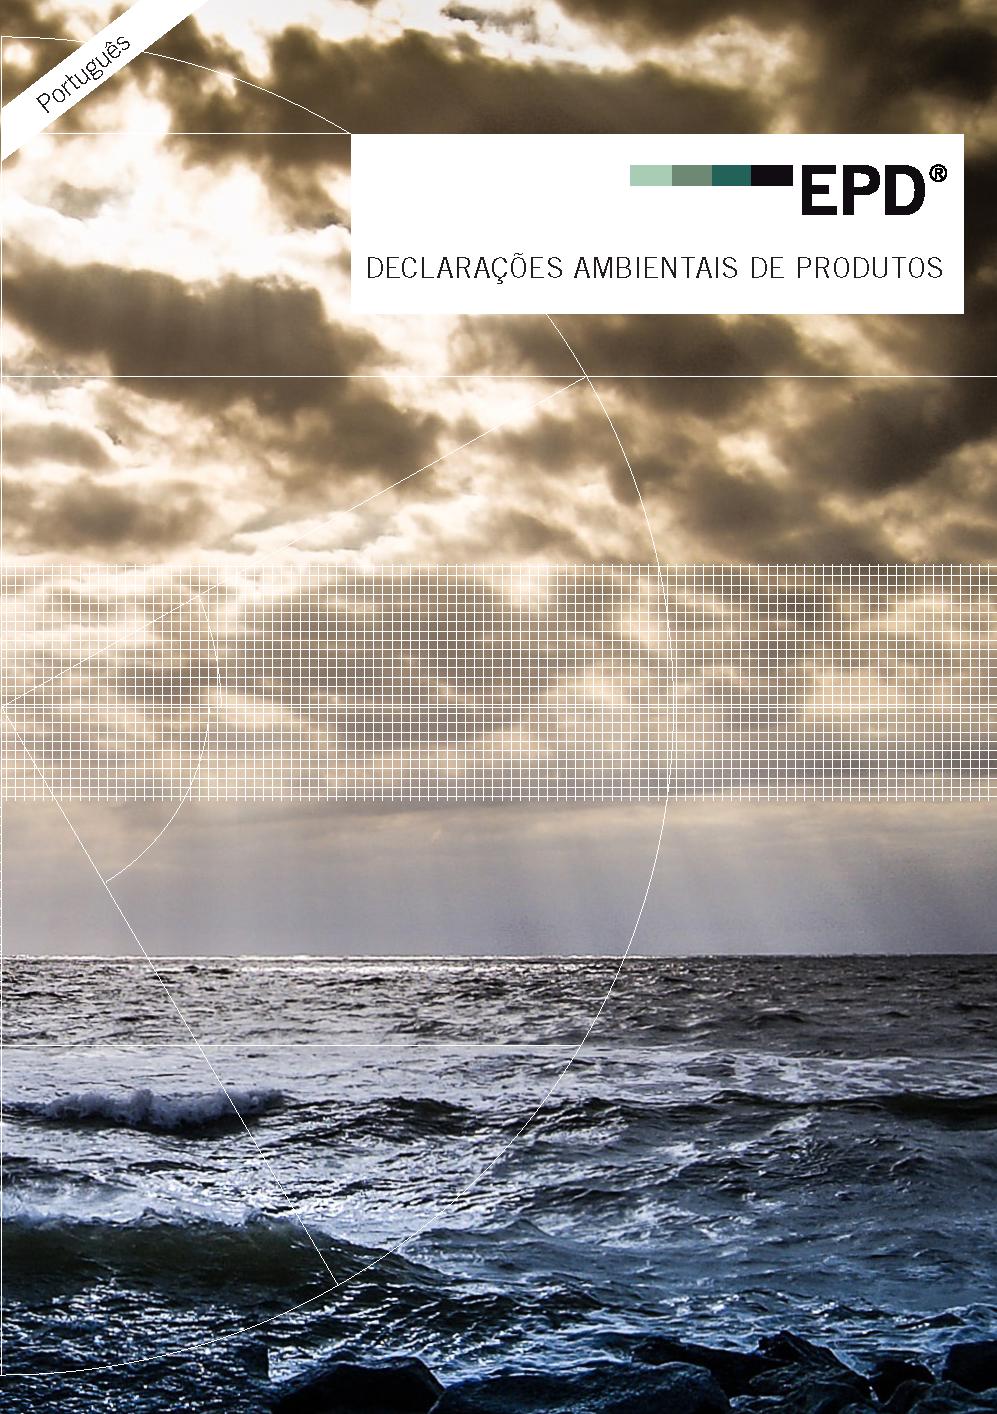 Folhetos sobre declarações ambientais em português